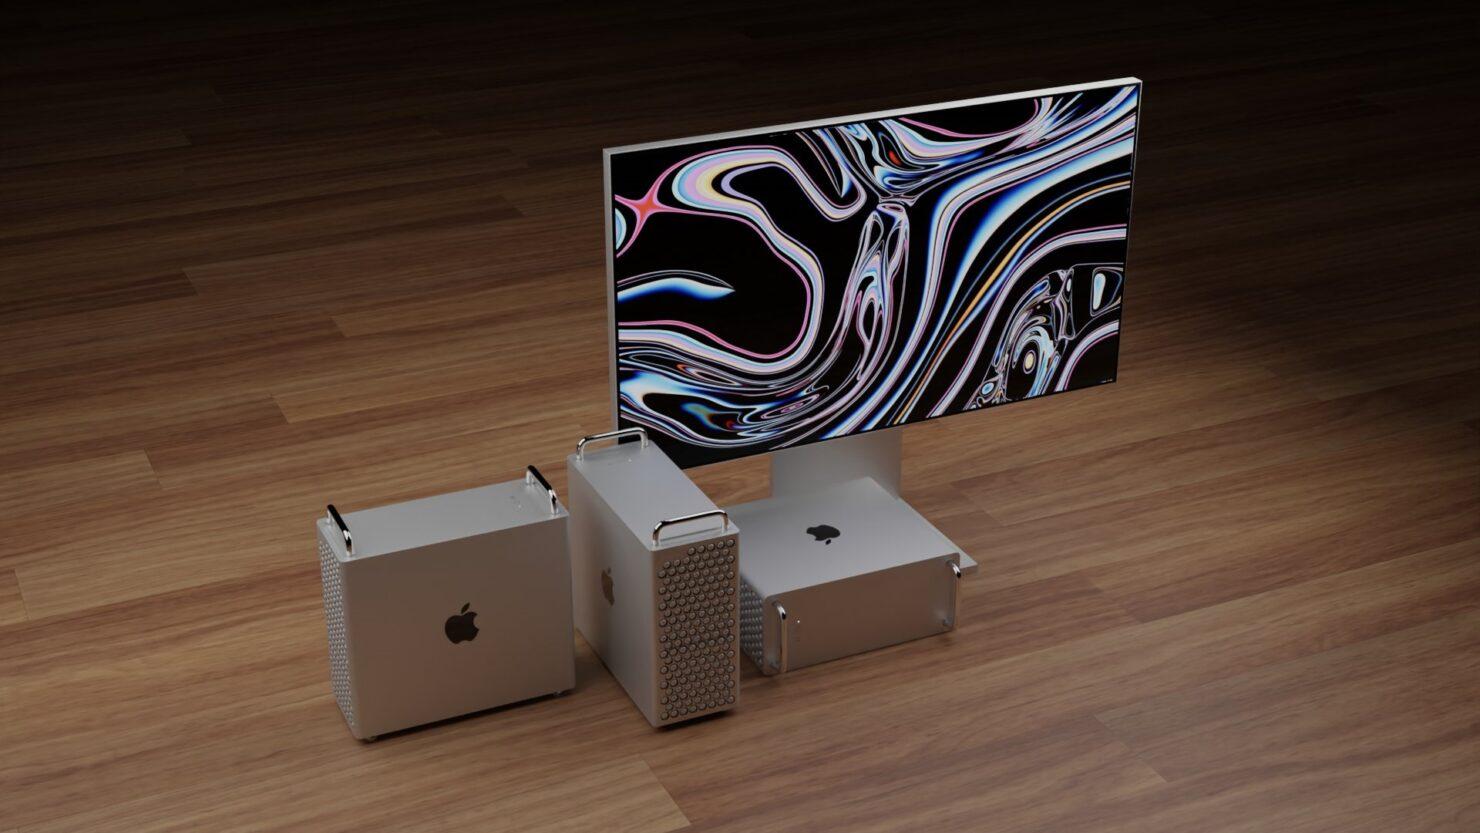 apple-silicon-mac-pro-1